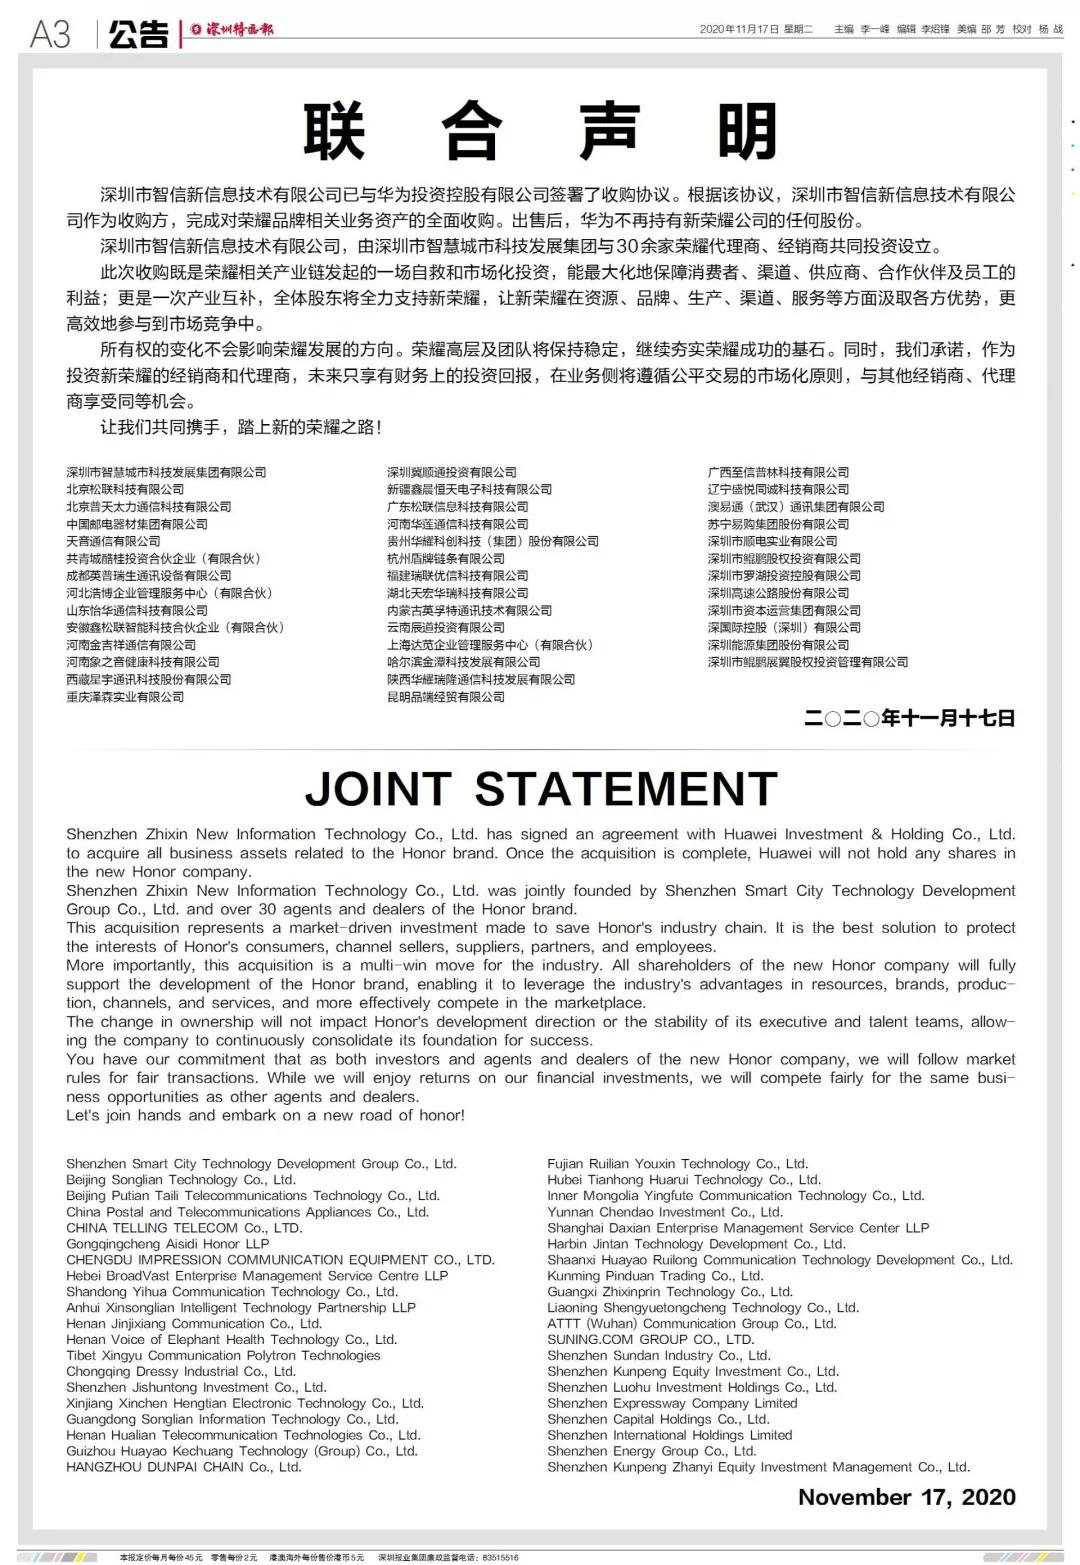 《深圳特区报》电子版截图